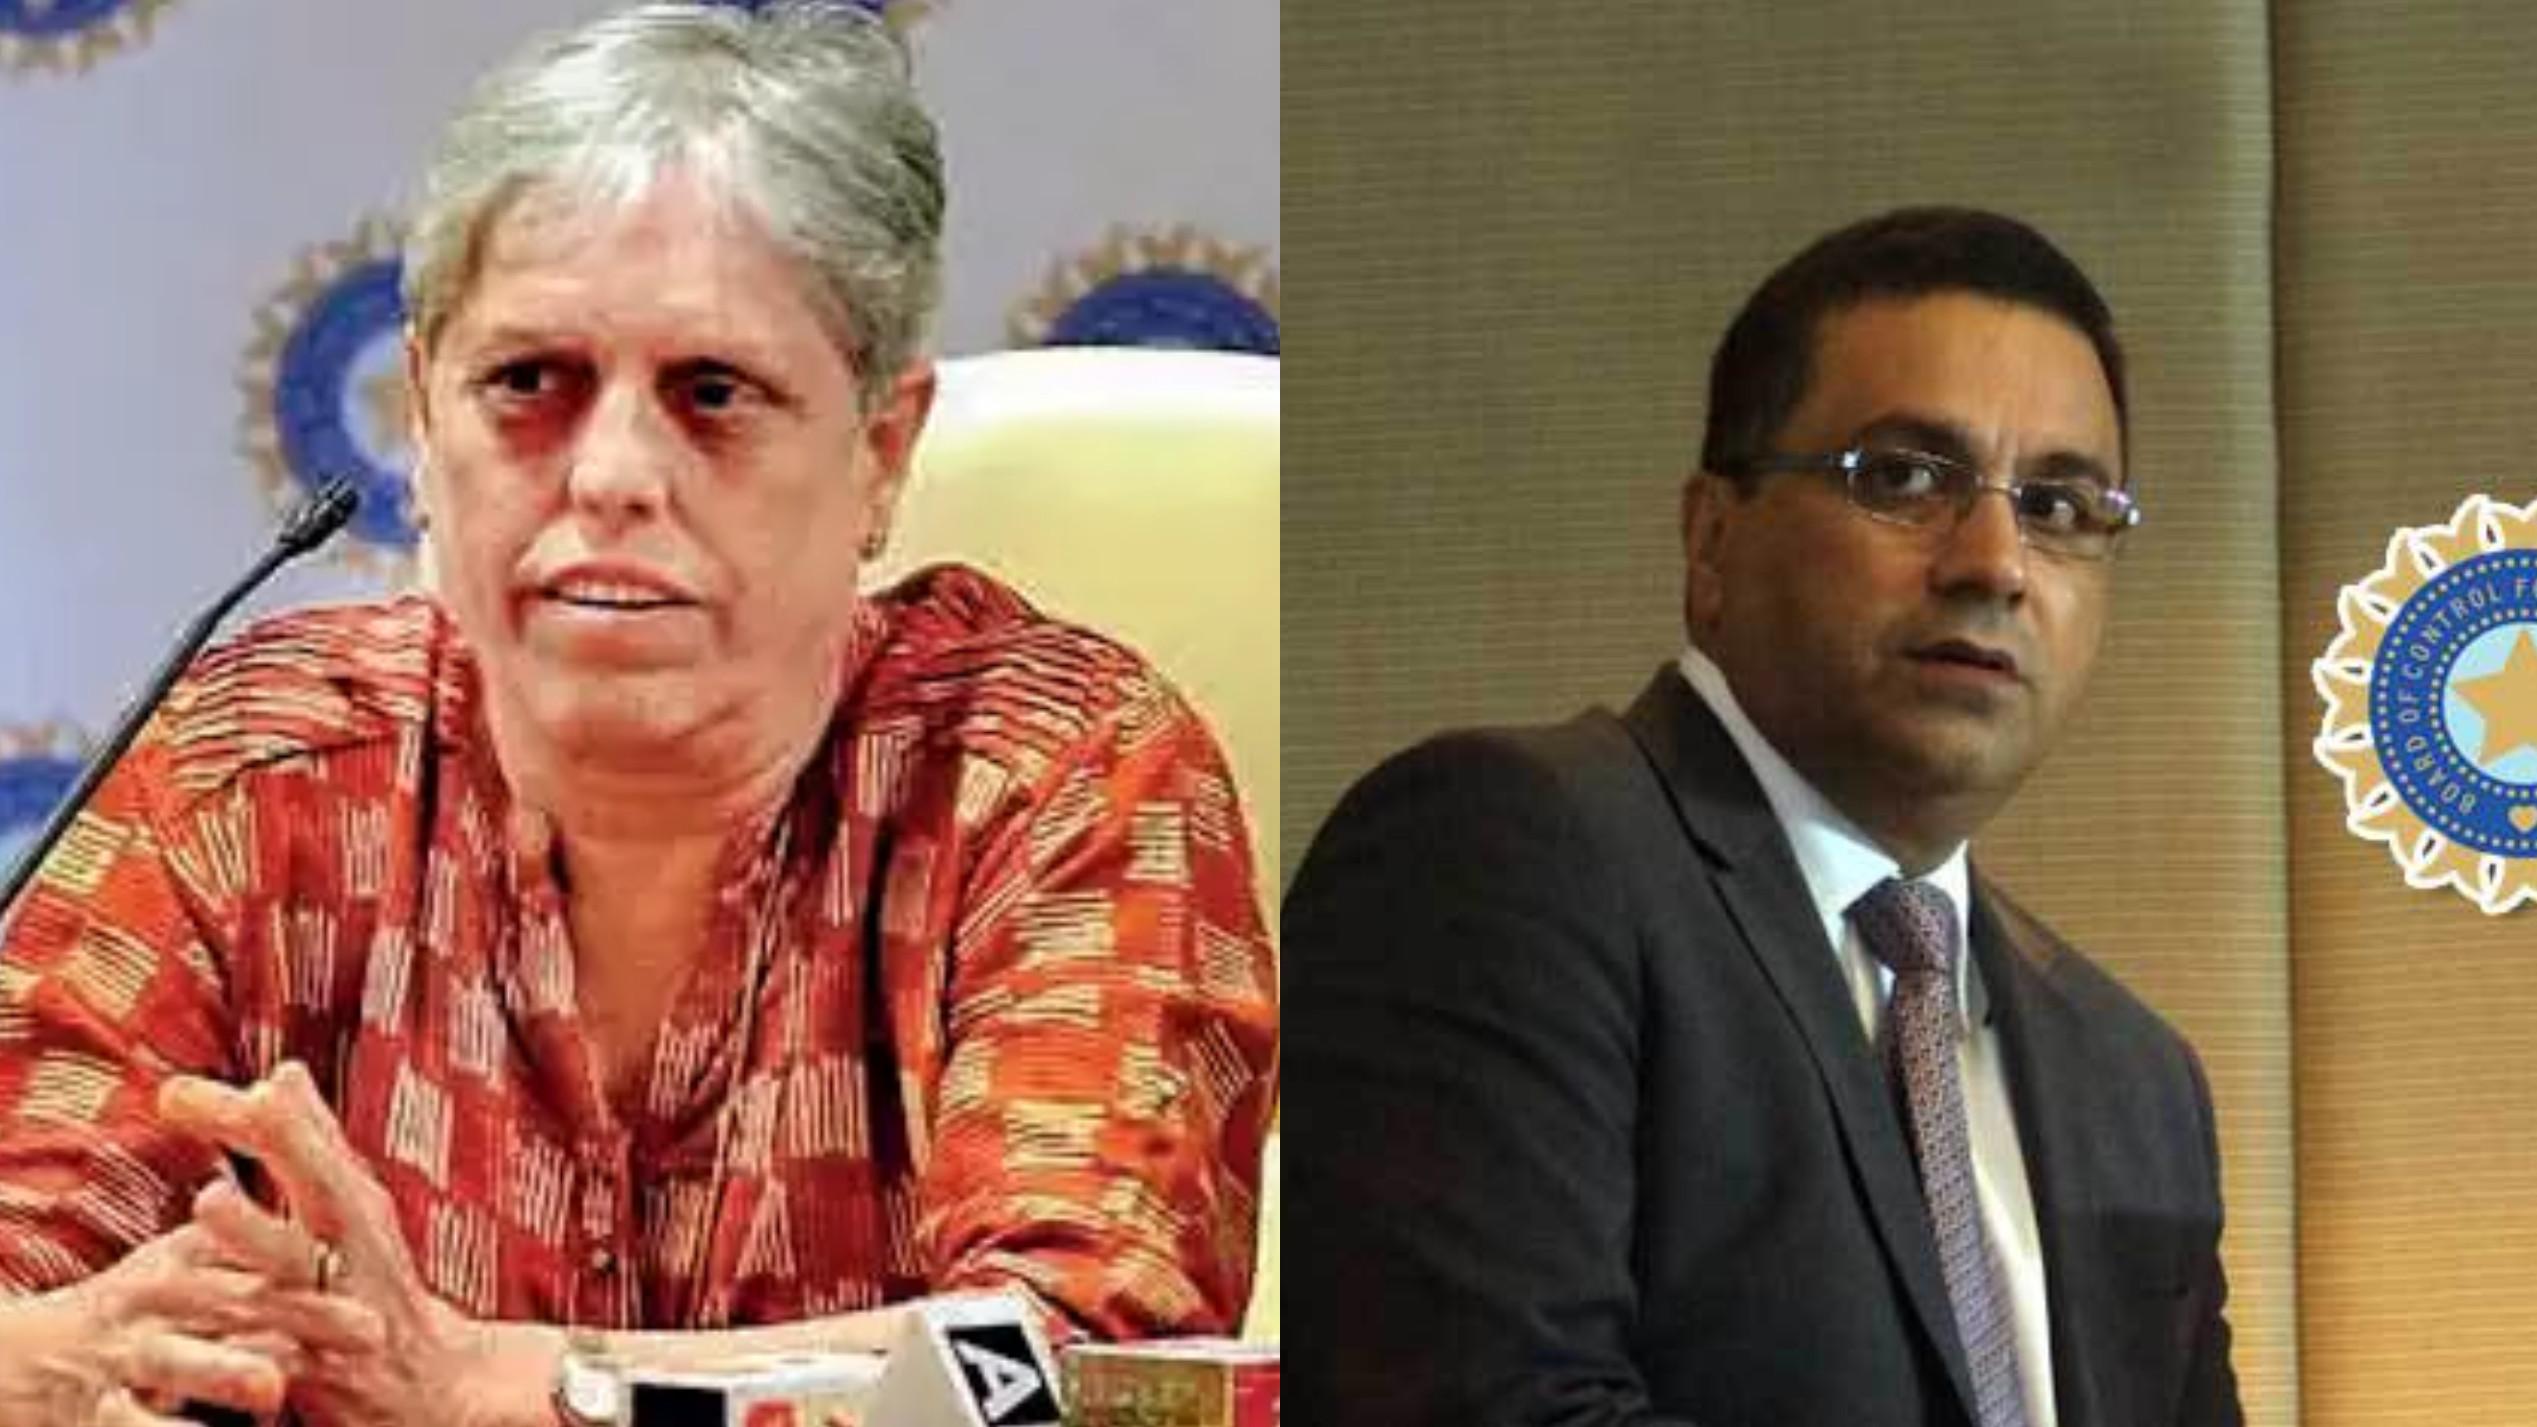 डायना एडुलजी के अनुसार सीईओ राहुल जौहरी महिलाओ को असहज महसूस कराते हैं